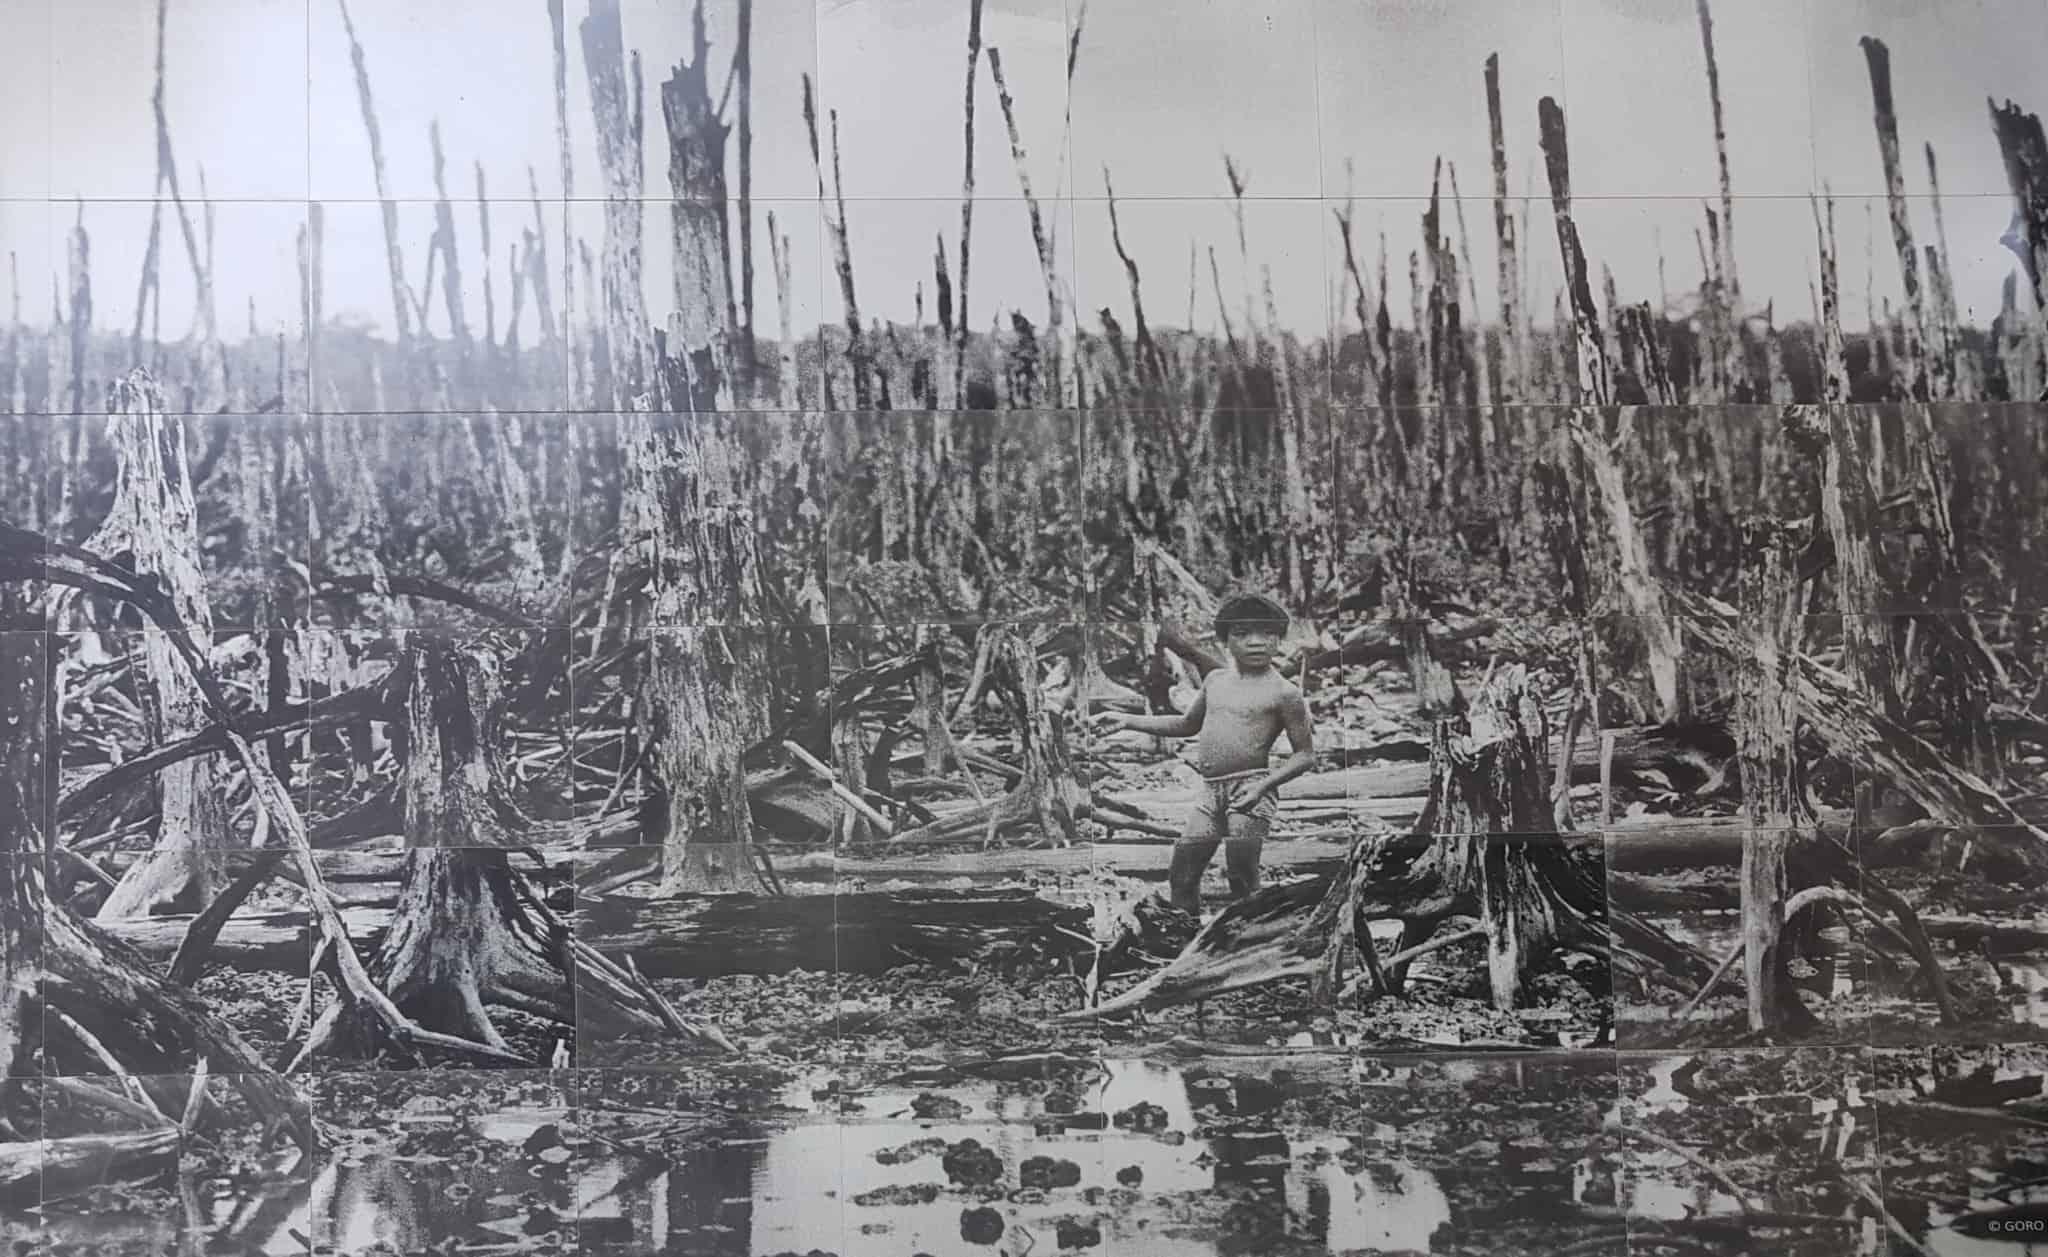 Vietnam, on visite le Musée des Vestiges de Guerre pour comprendre l'histoire du pays 📖 7